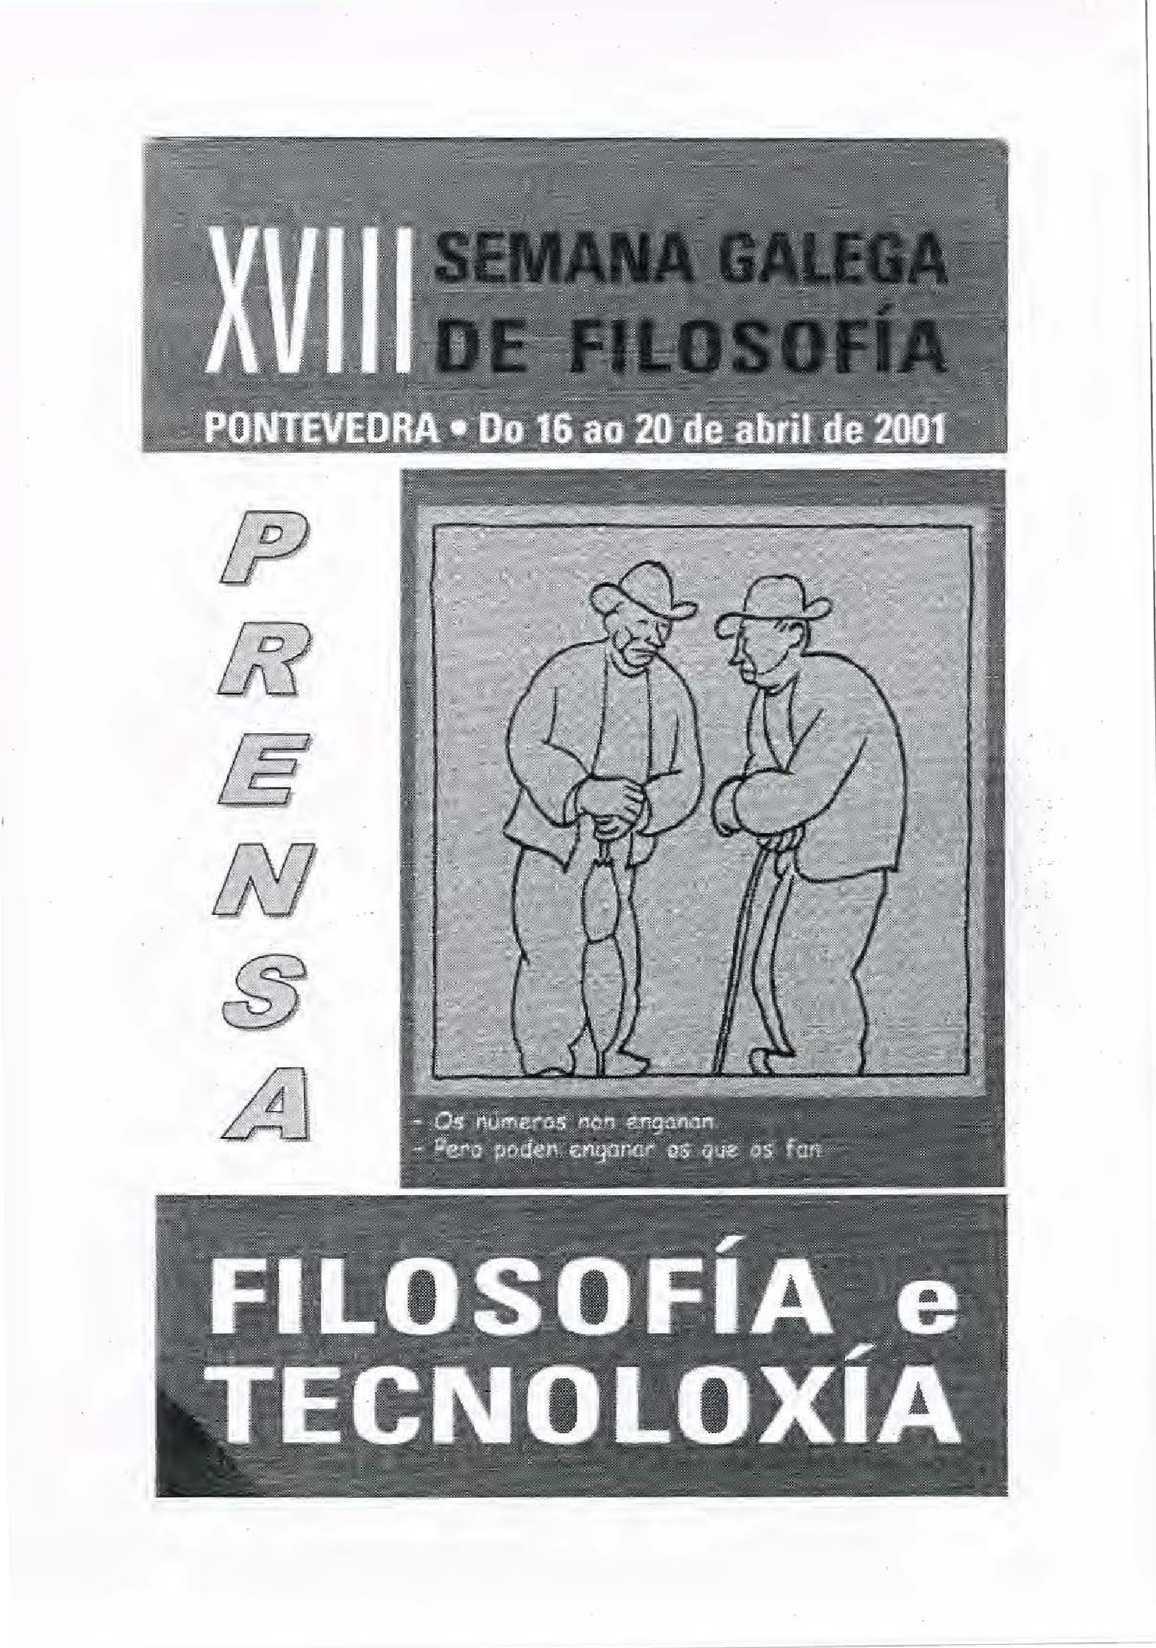 Calaméo - XVIII Semana Galega de Filosofia